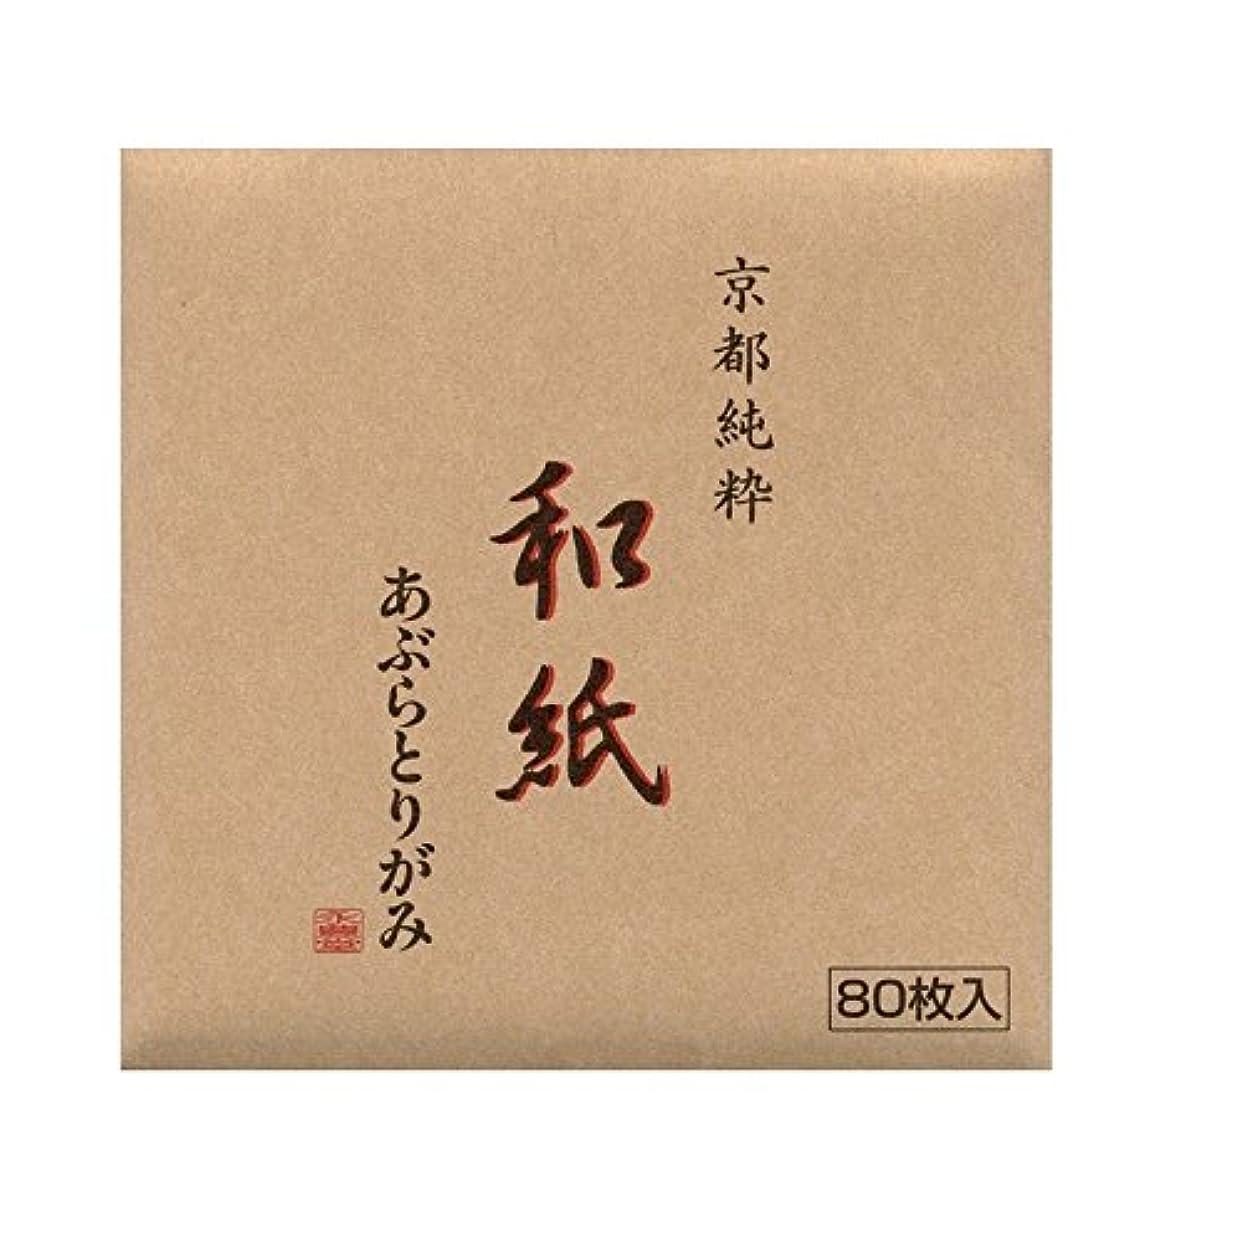 作曲する漂流貧困永豊堂 京都純粋和紙あぶらとりがみ 80枚入り W-450(大)